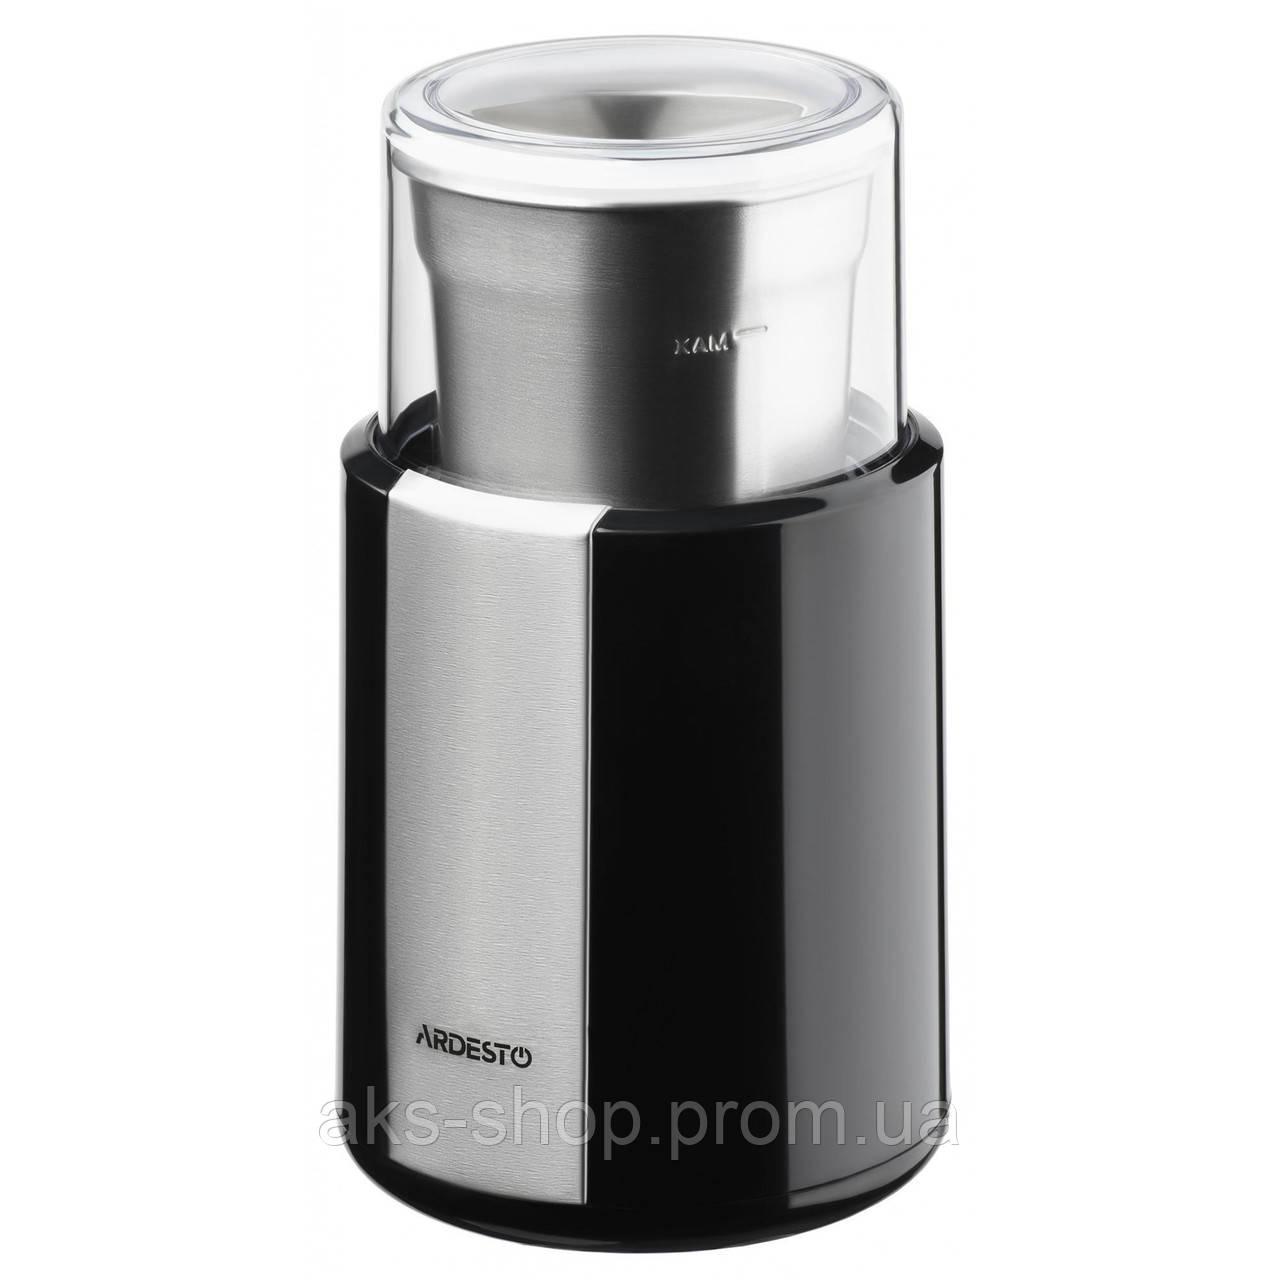 Кофемолка электрическая Ardesto WCG-8301 мощность 200 Вт